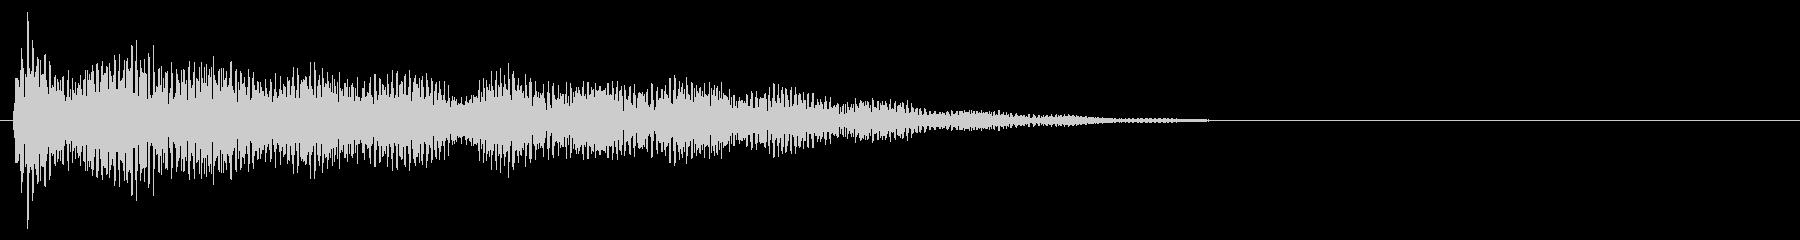 マレット系 タッチ音2(長)の未再生の波形